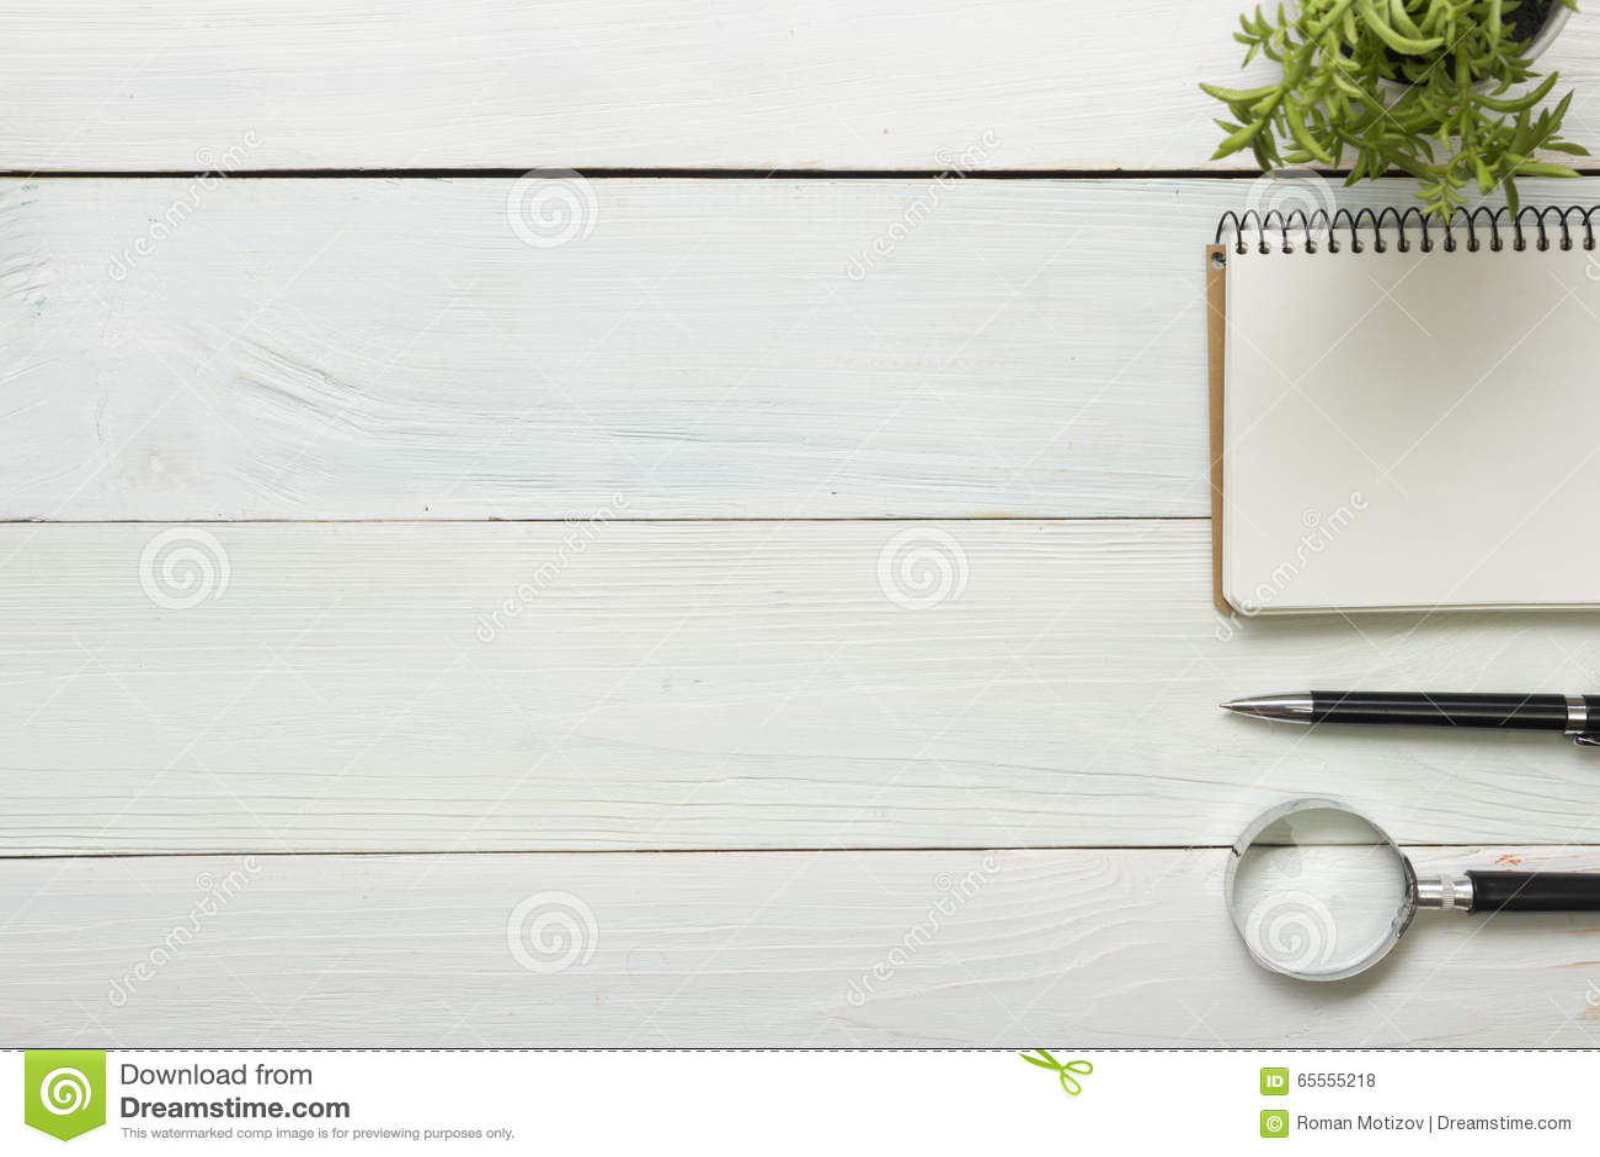 Tabell för kontorsskrivbord med tillförsel Top beskådar Kopiera utrymme för text Notepad penna, förstoringsglas, blomma